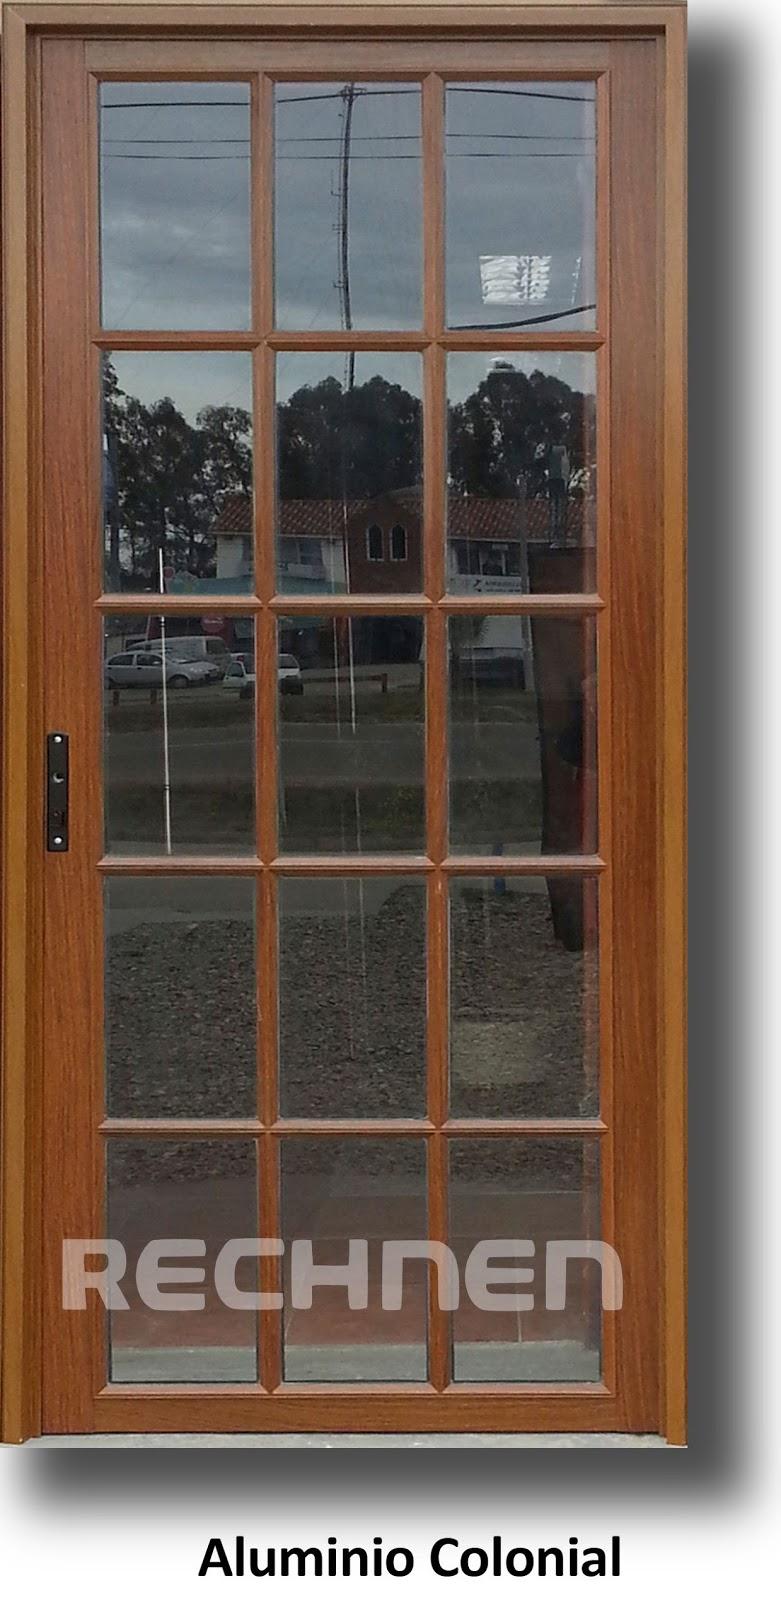 Aluminio color madera beautiful resultado de imagen para - Puertas de aluminio color madera ...